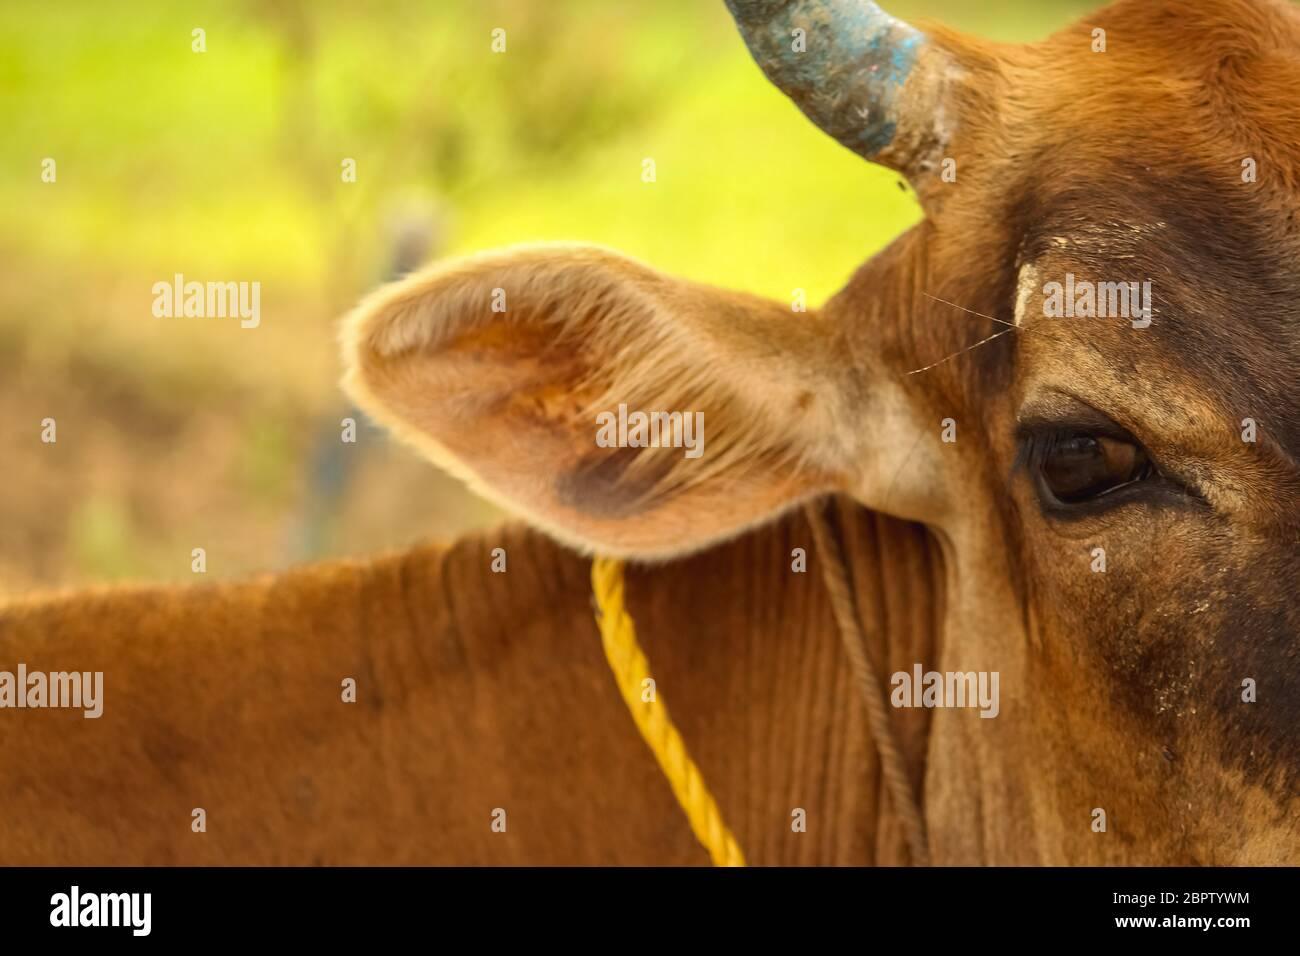 Retrato de cara de vaca de una vaca marrón con ojo abierto sharpe aislado sobre fondo verde. Foto de stock